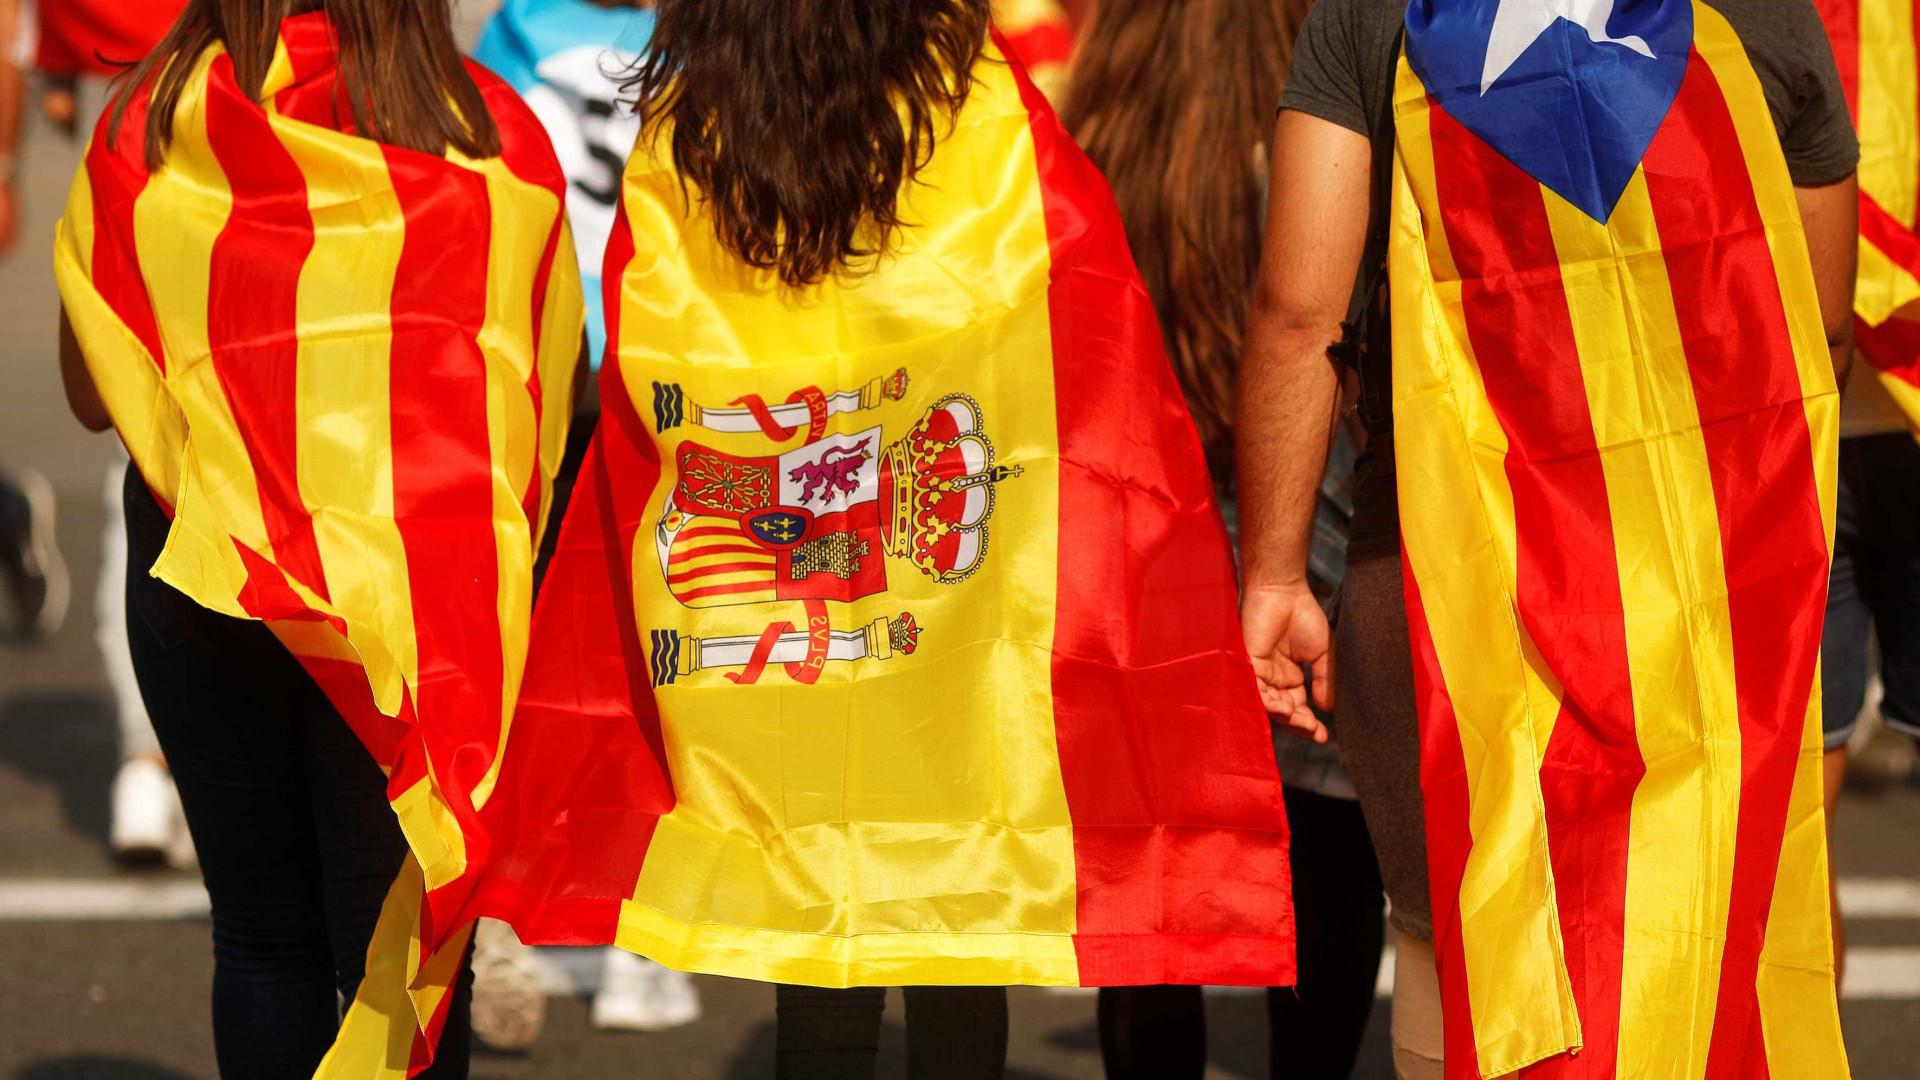 Madri não aceita indicações da Catalunha e mantém intervenção